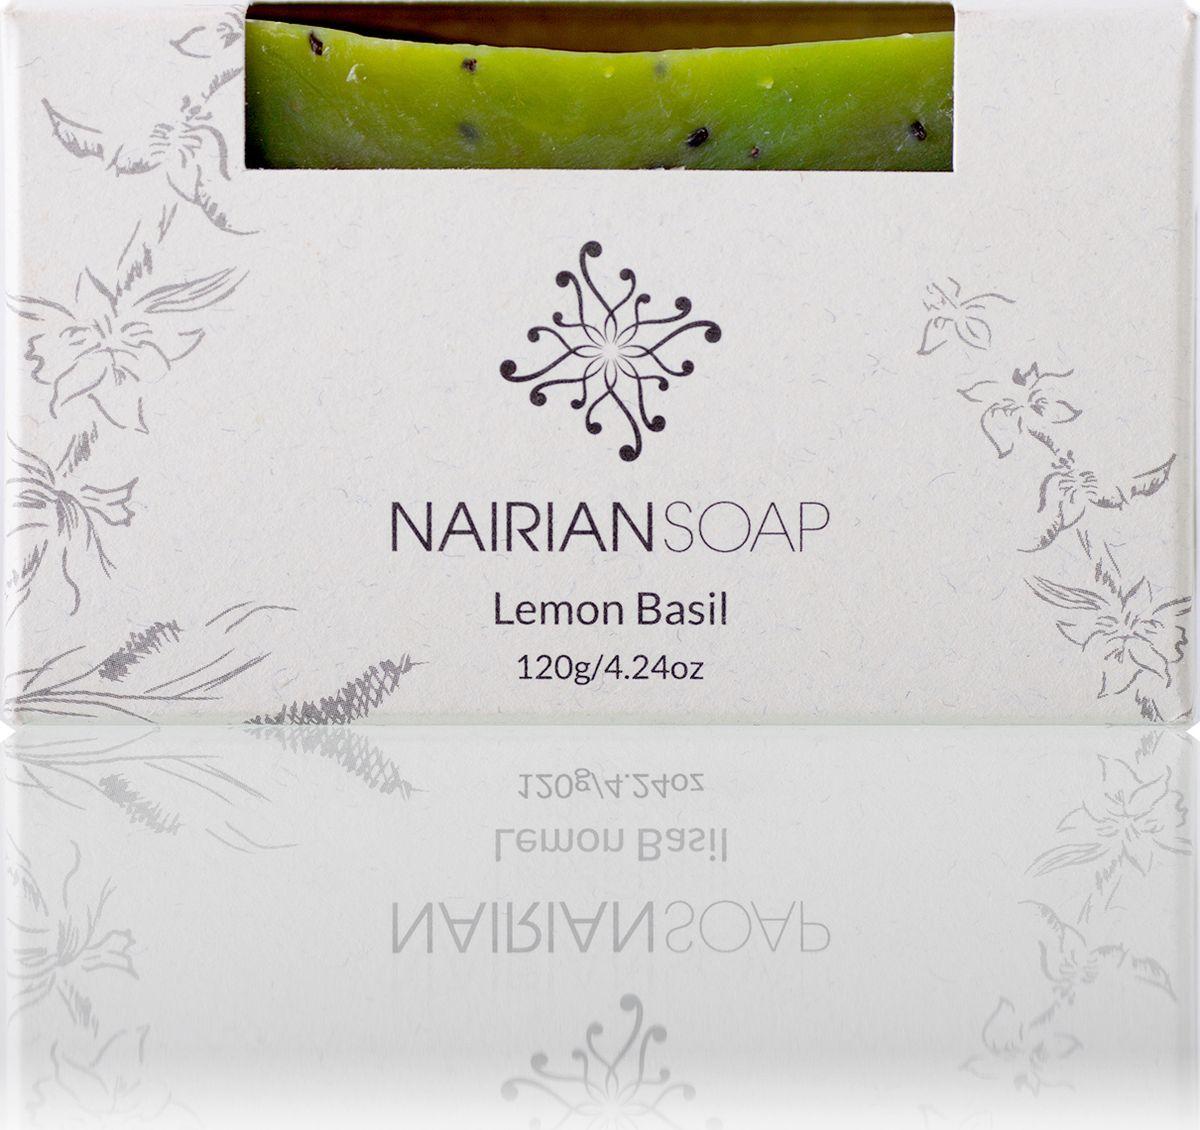 Nairian Мыло, лимонный базилик, 120 гBSSLB-01-0120Масло виноградных косточек и эфирное масло лимонного базилика – прекрасное сочетание для жирной и предрасположенной к акне кожи. Эфирное масло лимонного базилика убивает бактерии и сужает расширенные поры, а масло виноградных косточек увлажняет и смягчает кожу, препятствует закупориванию пор. При использовании в горячем душе испаряющееся масло лимонного базилика очищает бронхи и легкие, облегчает кашель. Подходит для всего тела. Рекомендовано людям с жирной и проблемной кожей.